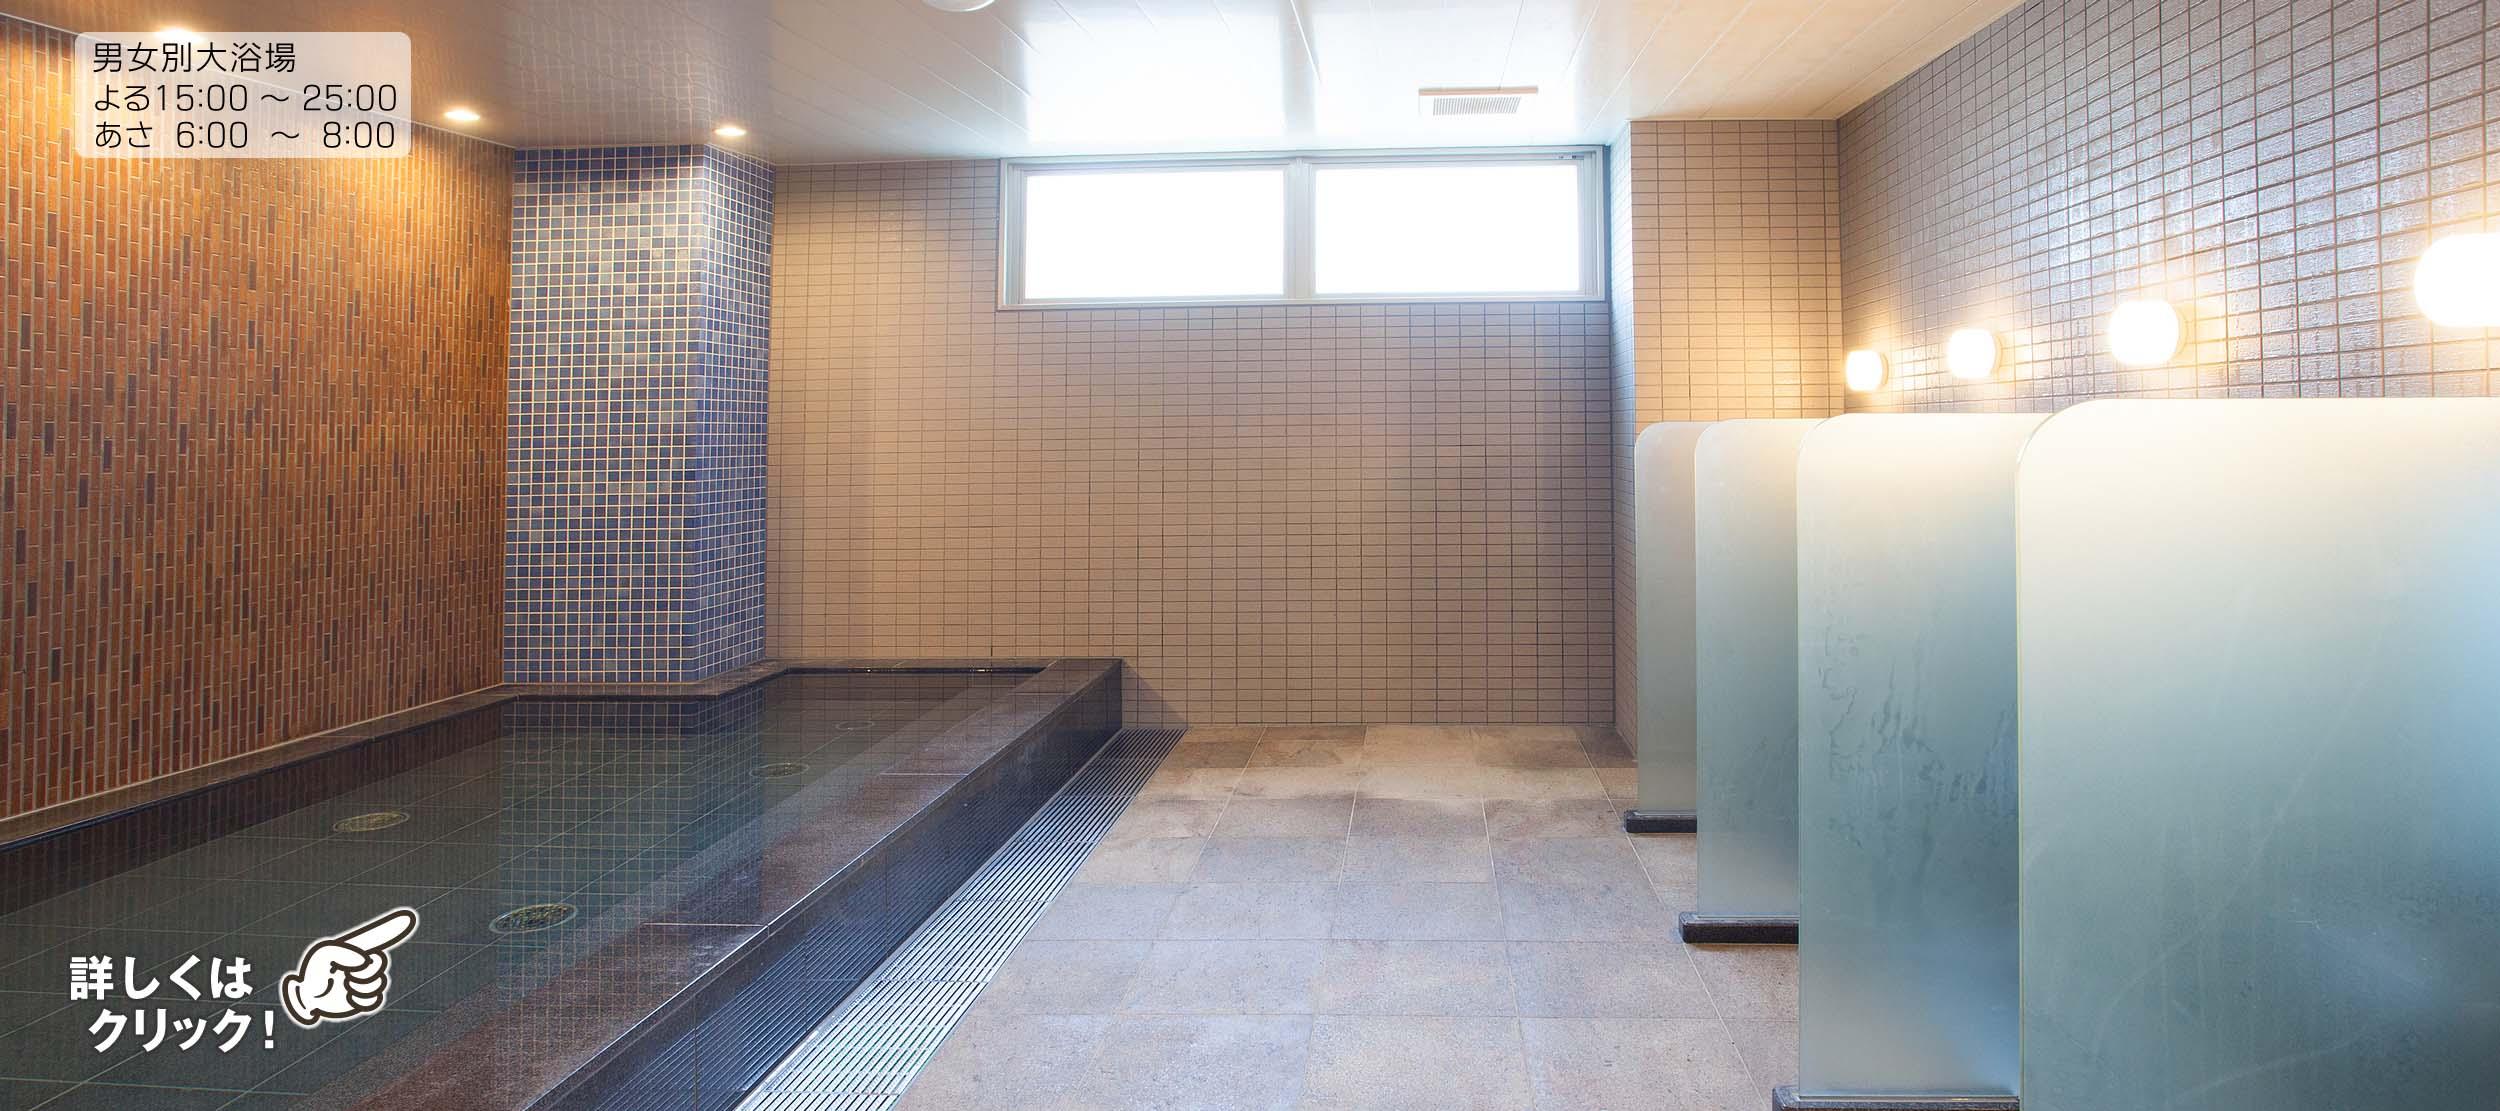 男女別大浴場